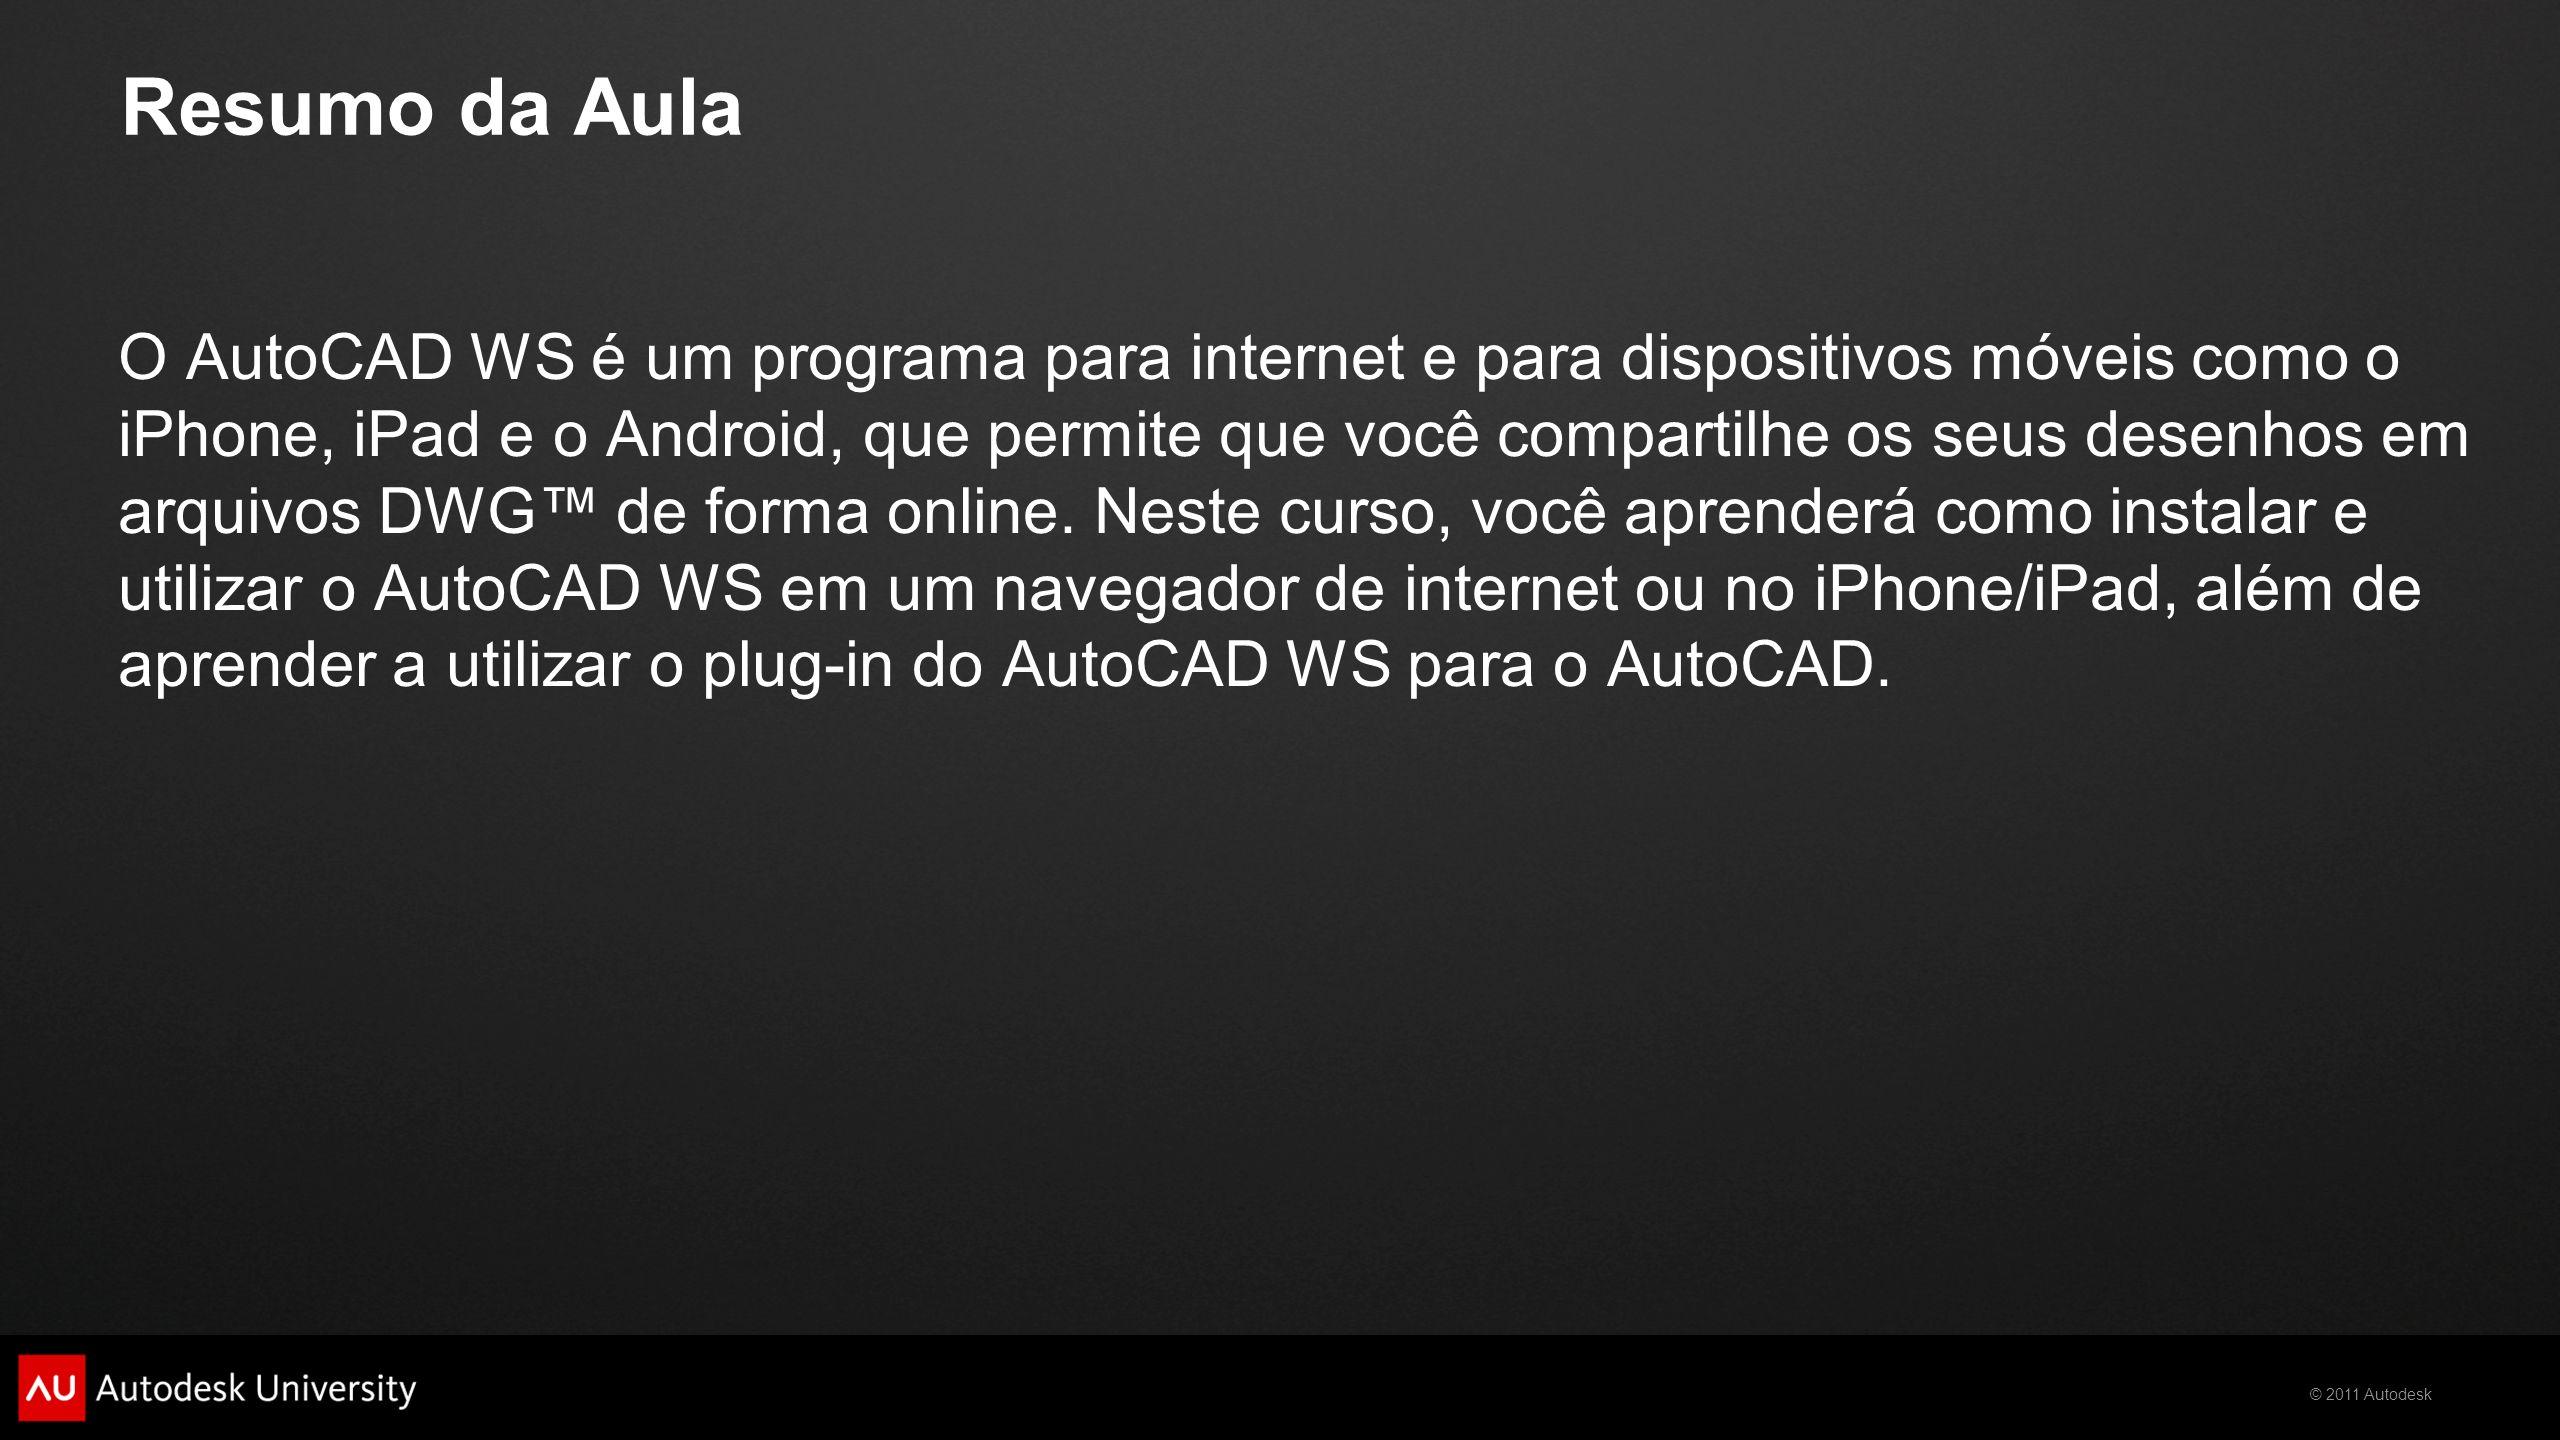 © 2011 Autodesk Resumo da Aula O AutoCAD WS é um programa para internet e para dispositivos móveis como o iPhone, iPad e o Android, que permite que você compartilhe os seus desenhos em arquivos DWG de forma online.